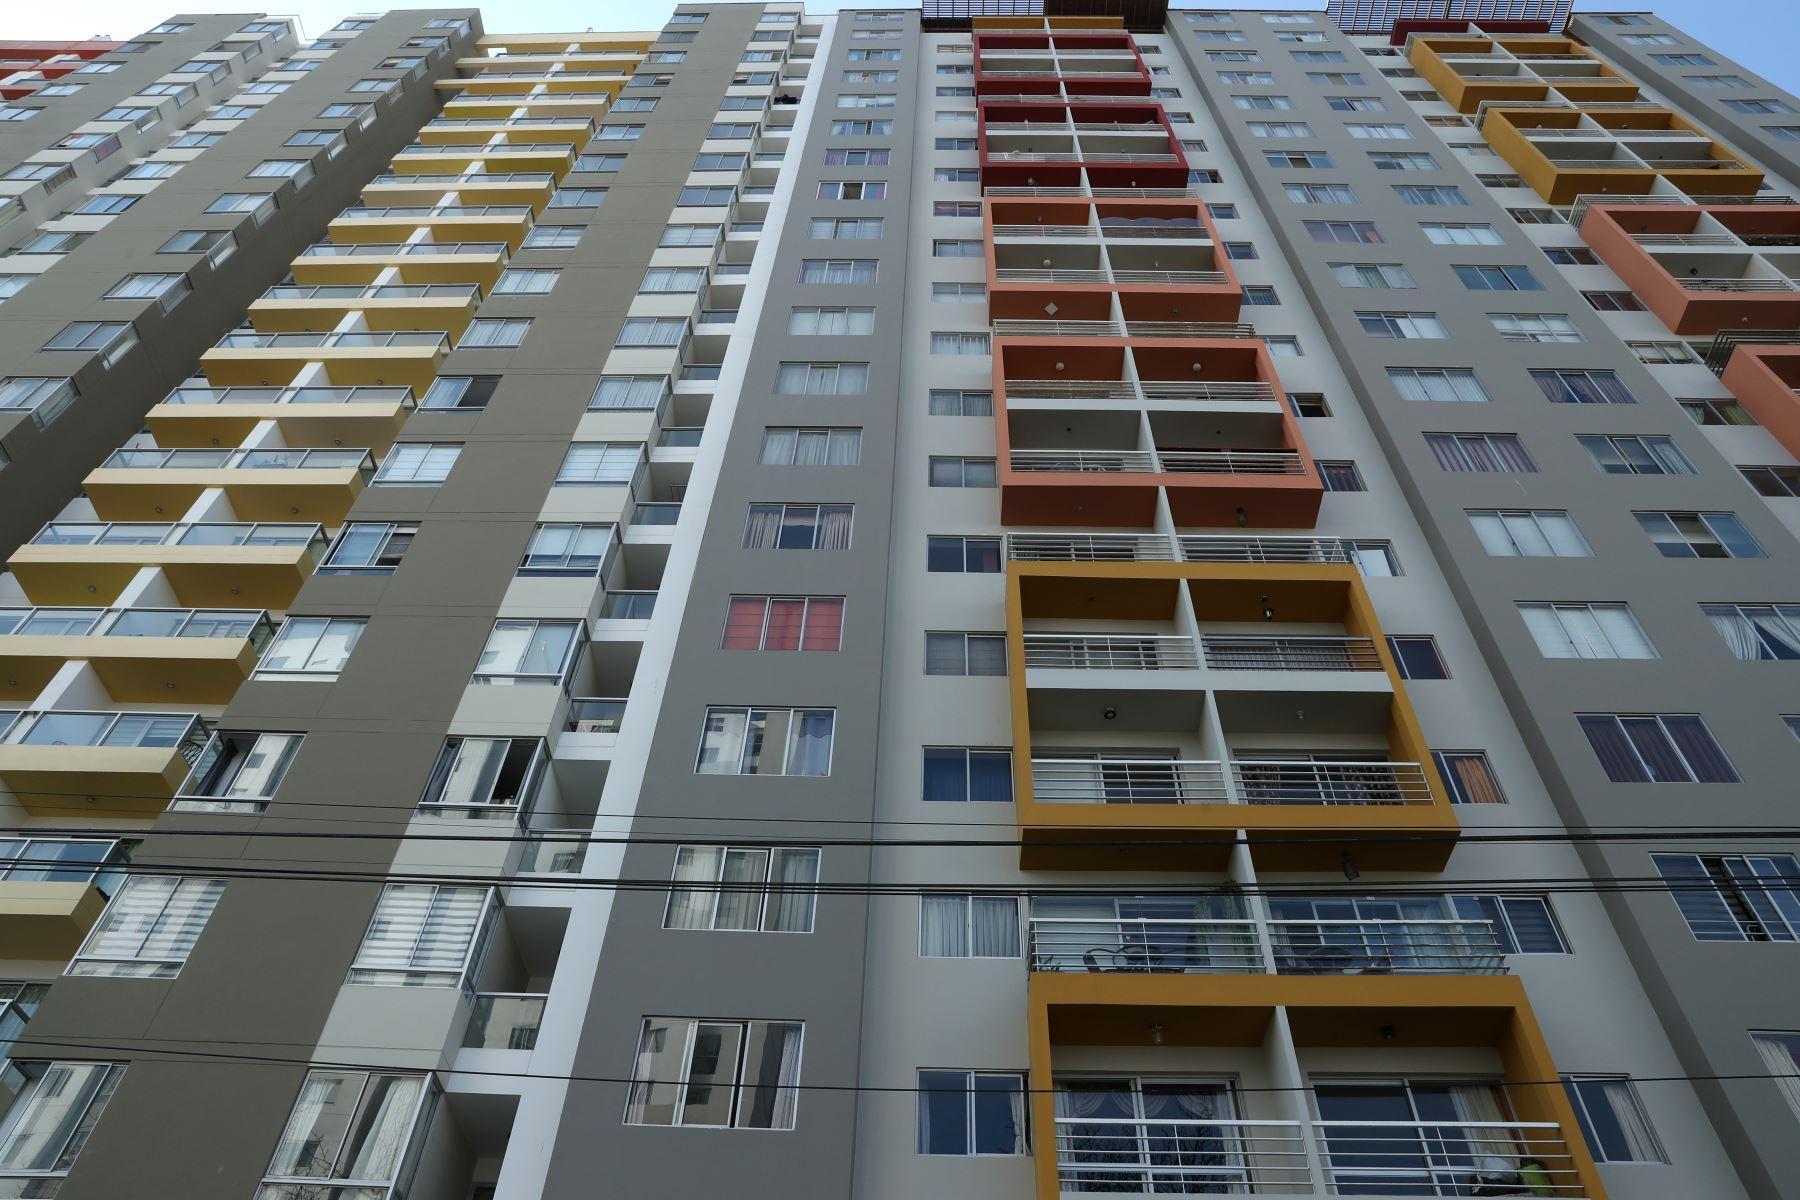 Precios de viviendas se incrementarían 4% hacia finales del 2021